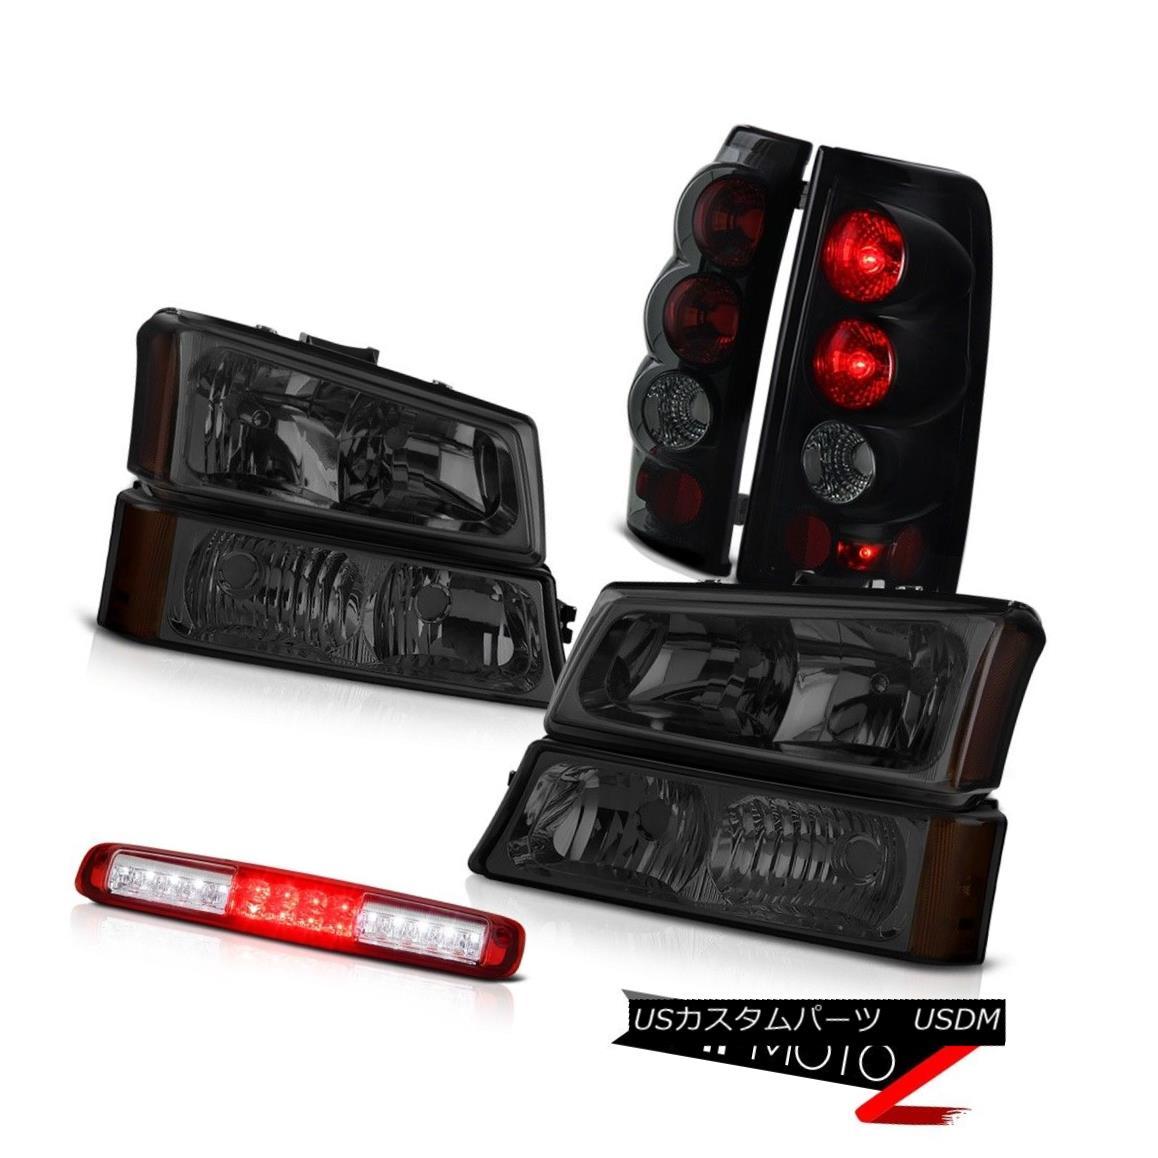 ヘッドライト 03-06 Chevy Silverado 1500 Bumper Lamp Red Clear Roof Cab Headlights Tail Lamps 03-06 Chevy Silverado 1500バンパーランプ赤いクリア屋根キャブのヘッドライトテールランプ